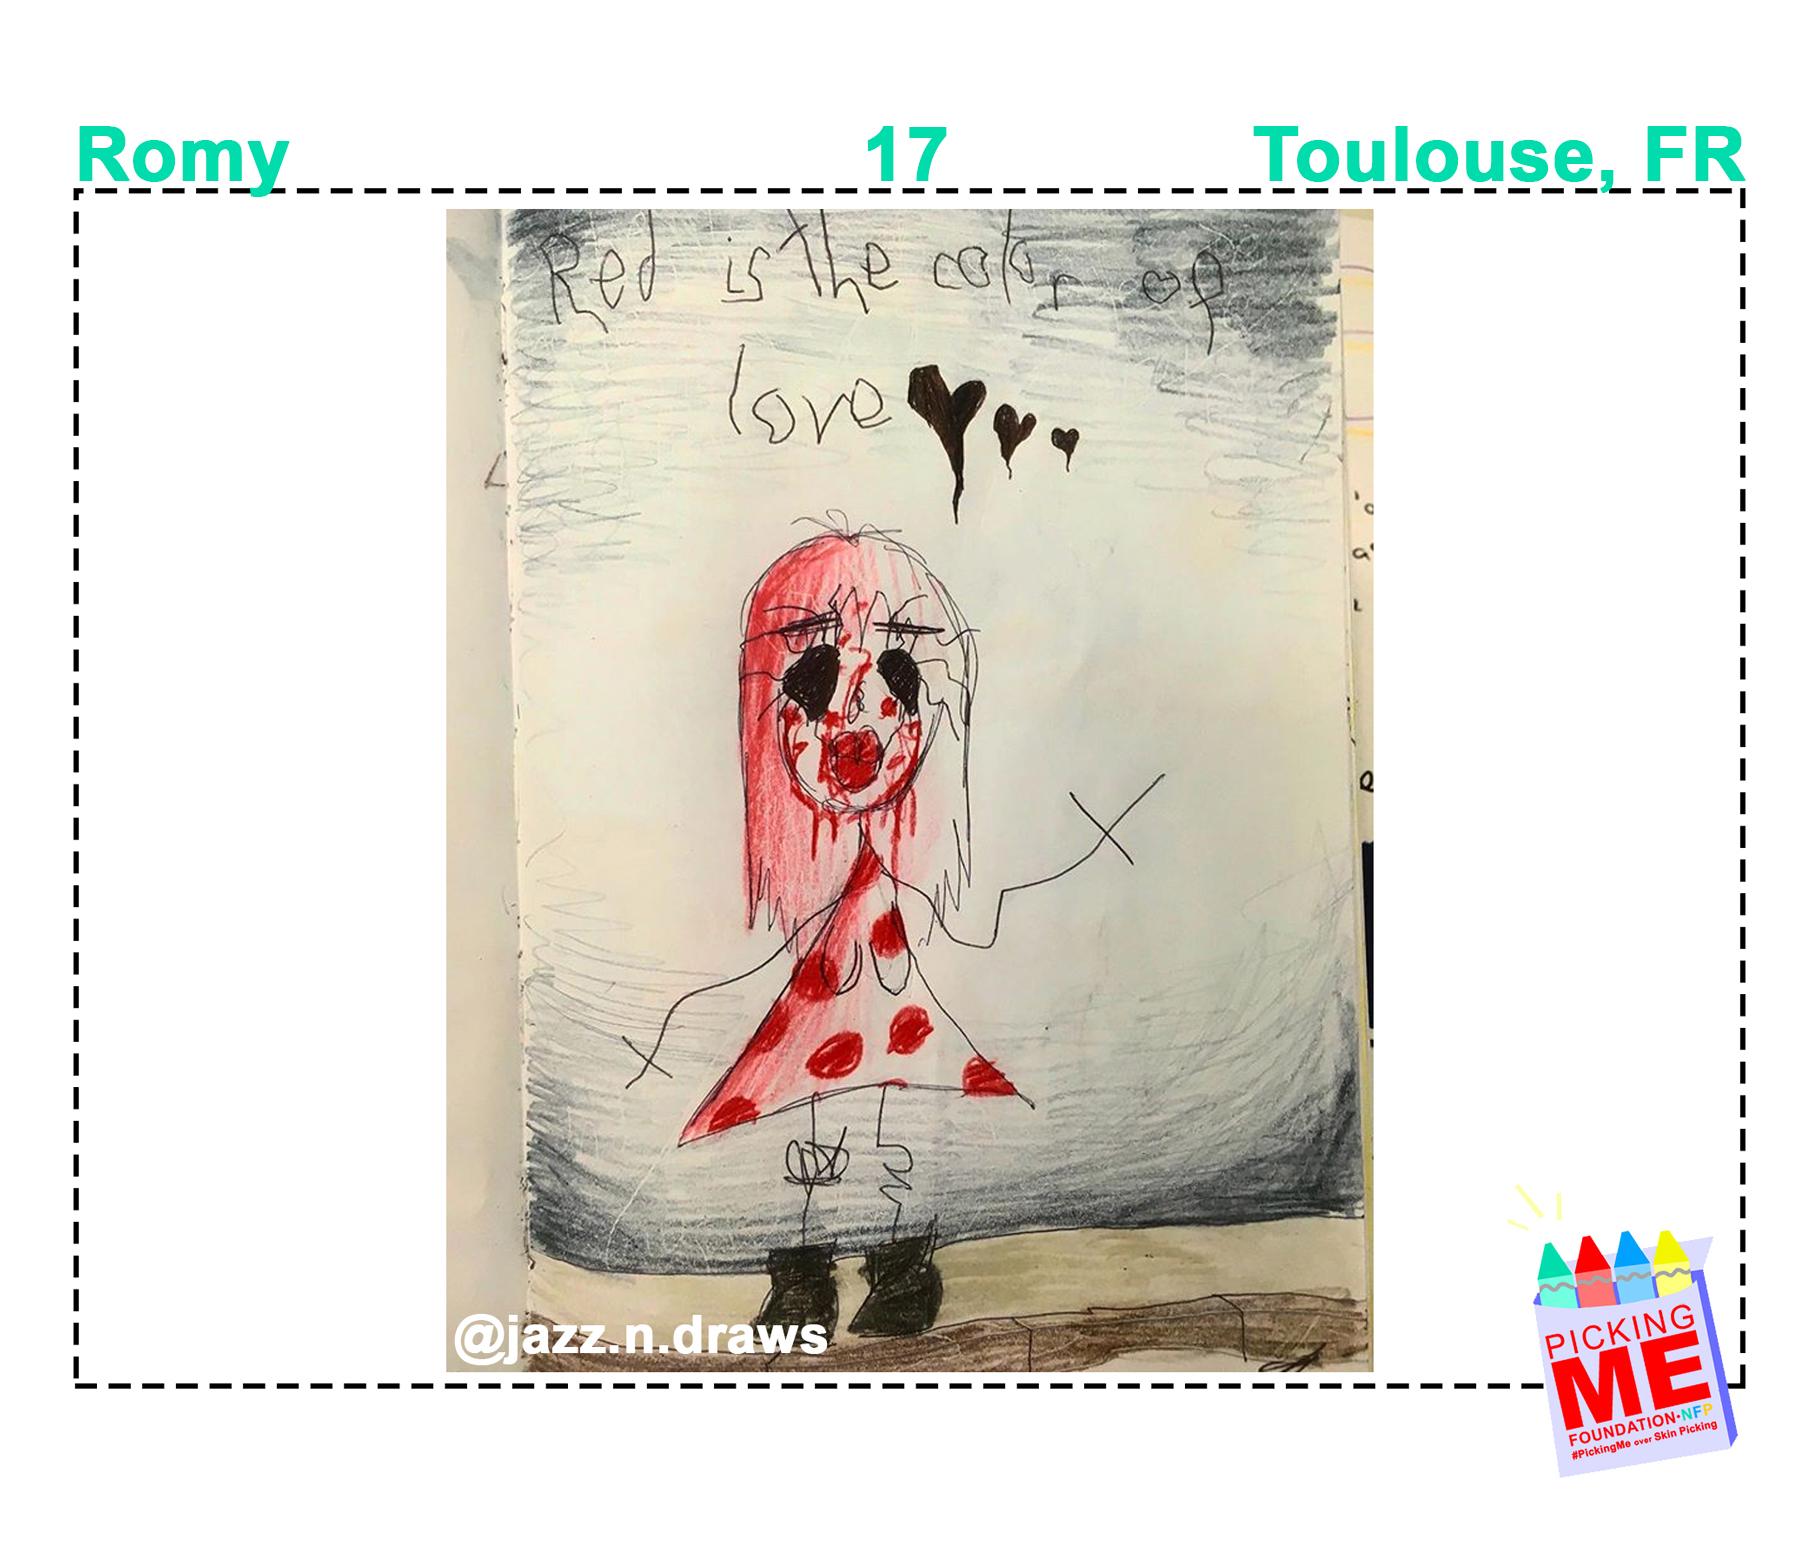 #DrawingWithDerma: Romy